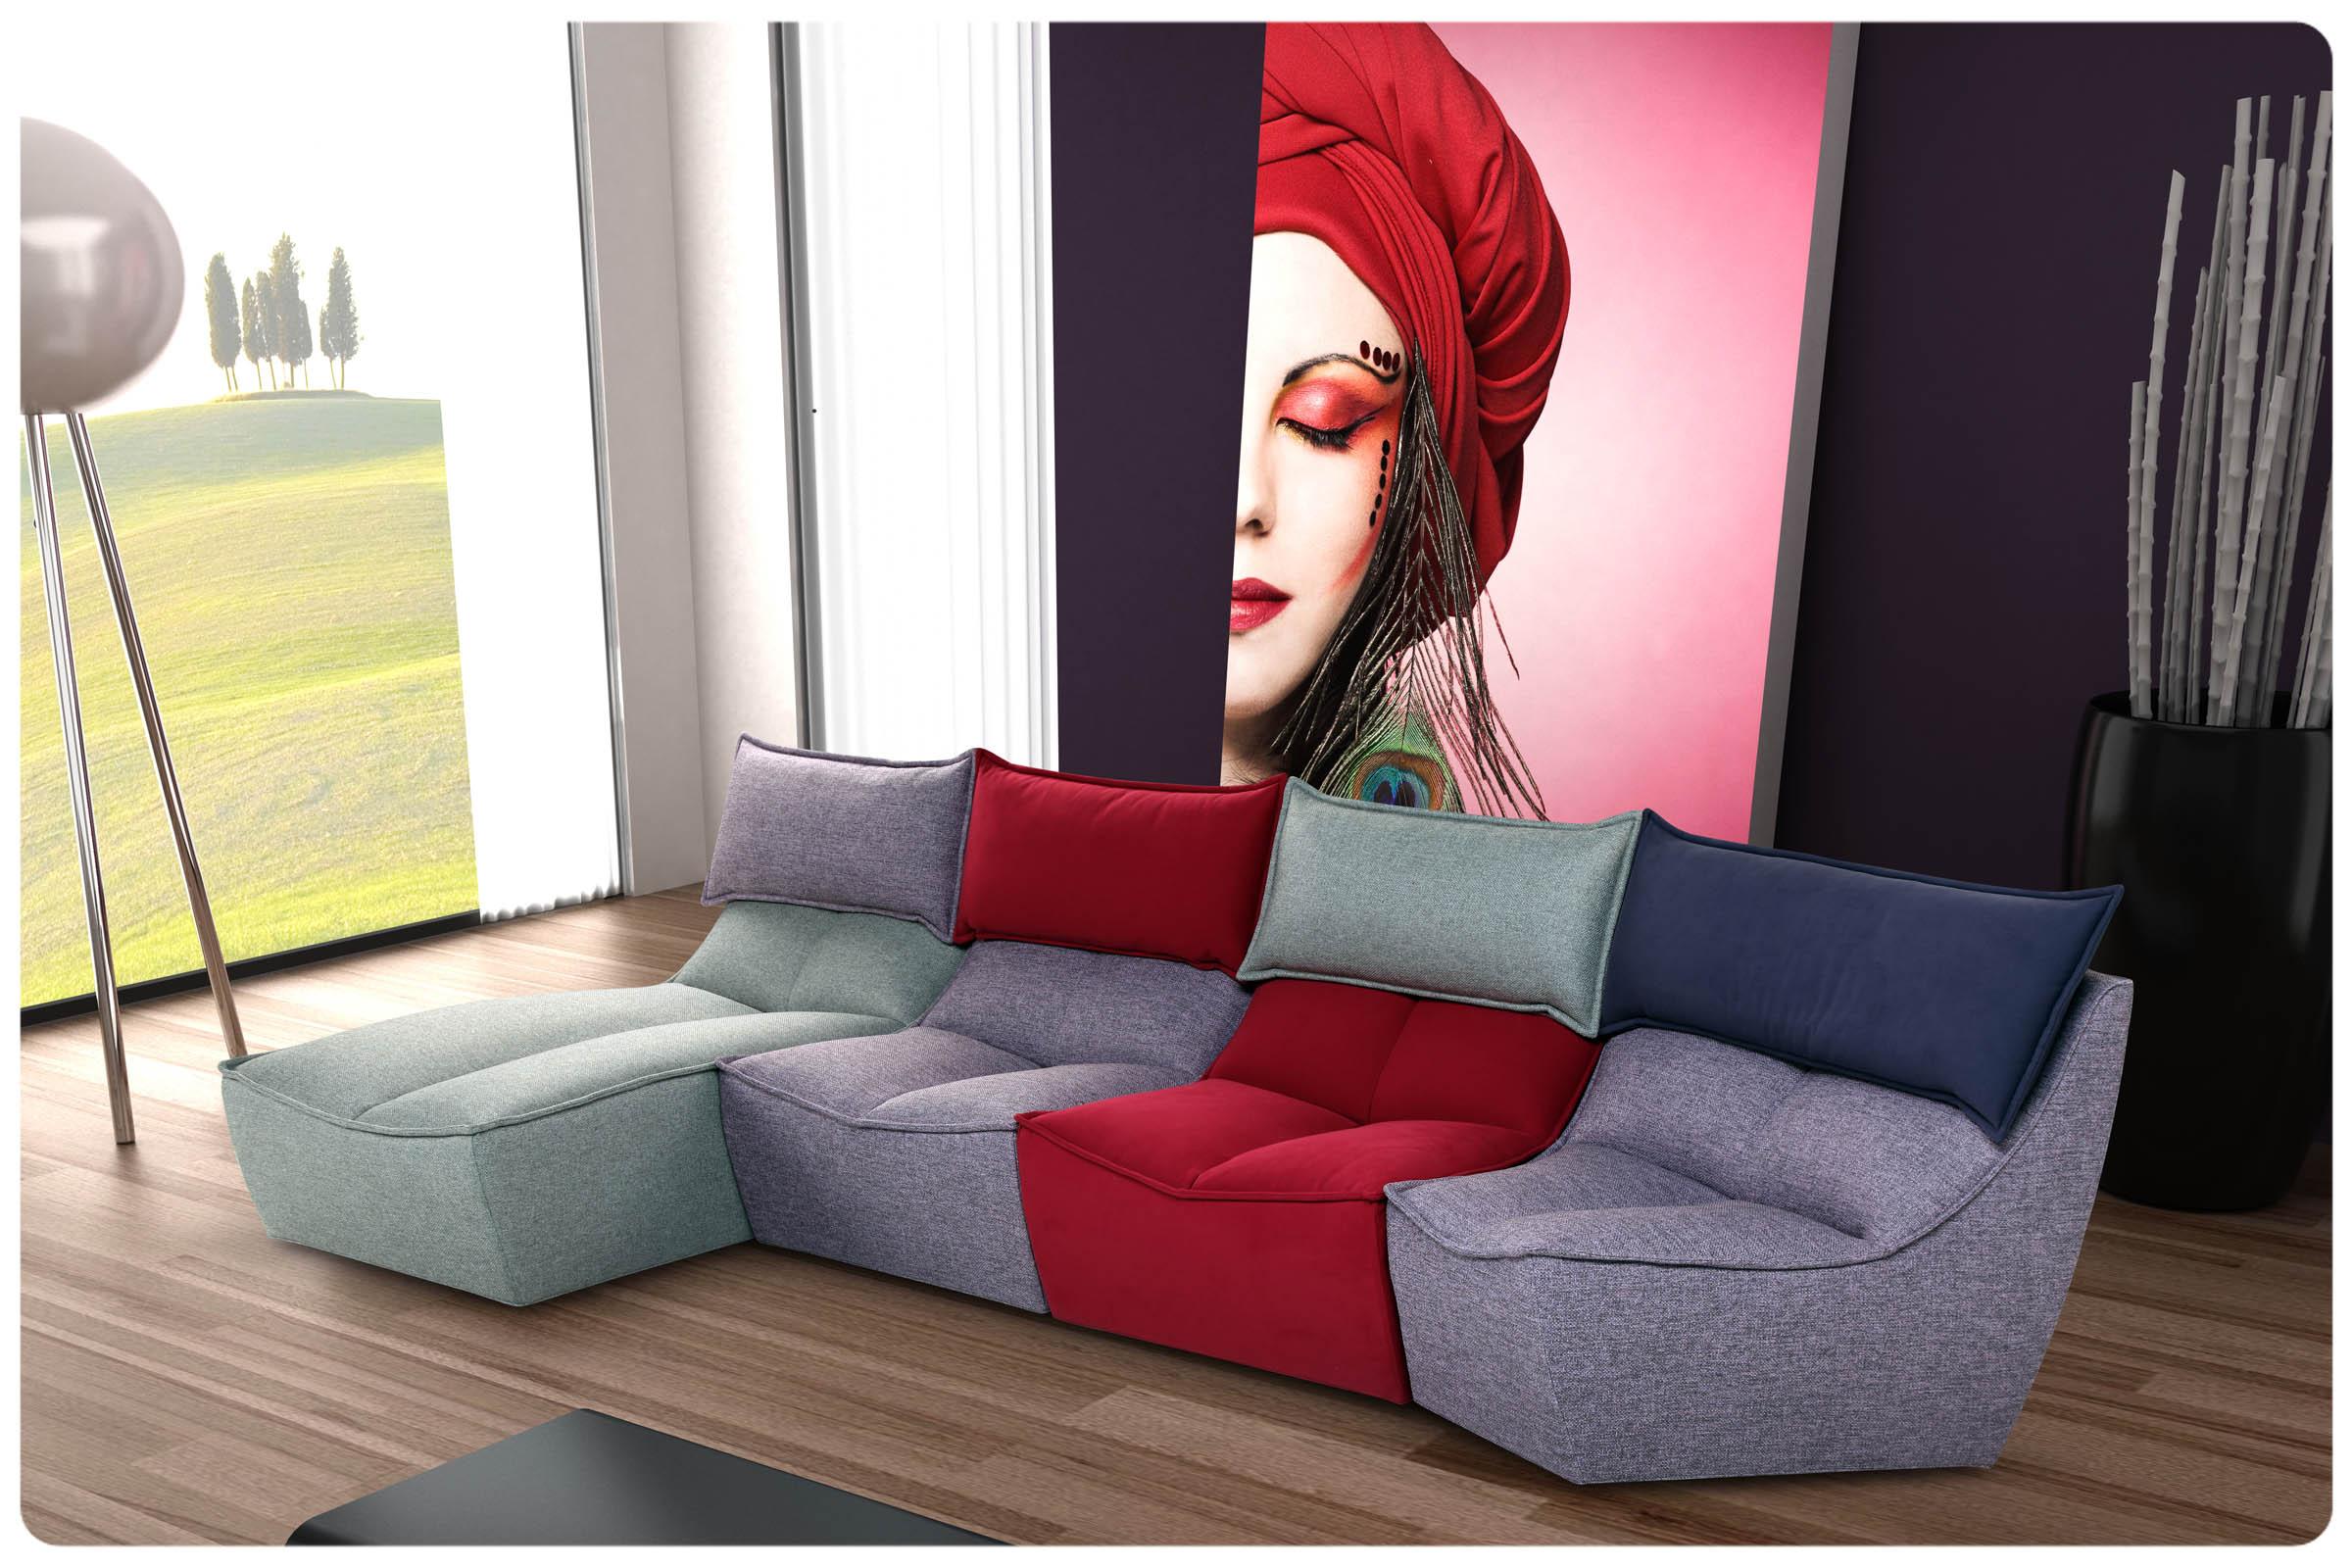 divani corsico - 28 images - divani e divani corsico divano modello ...